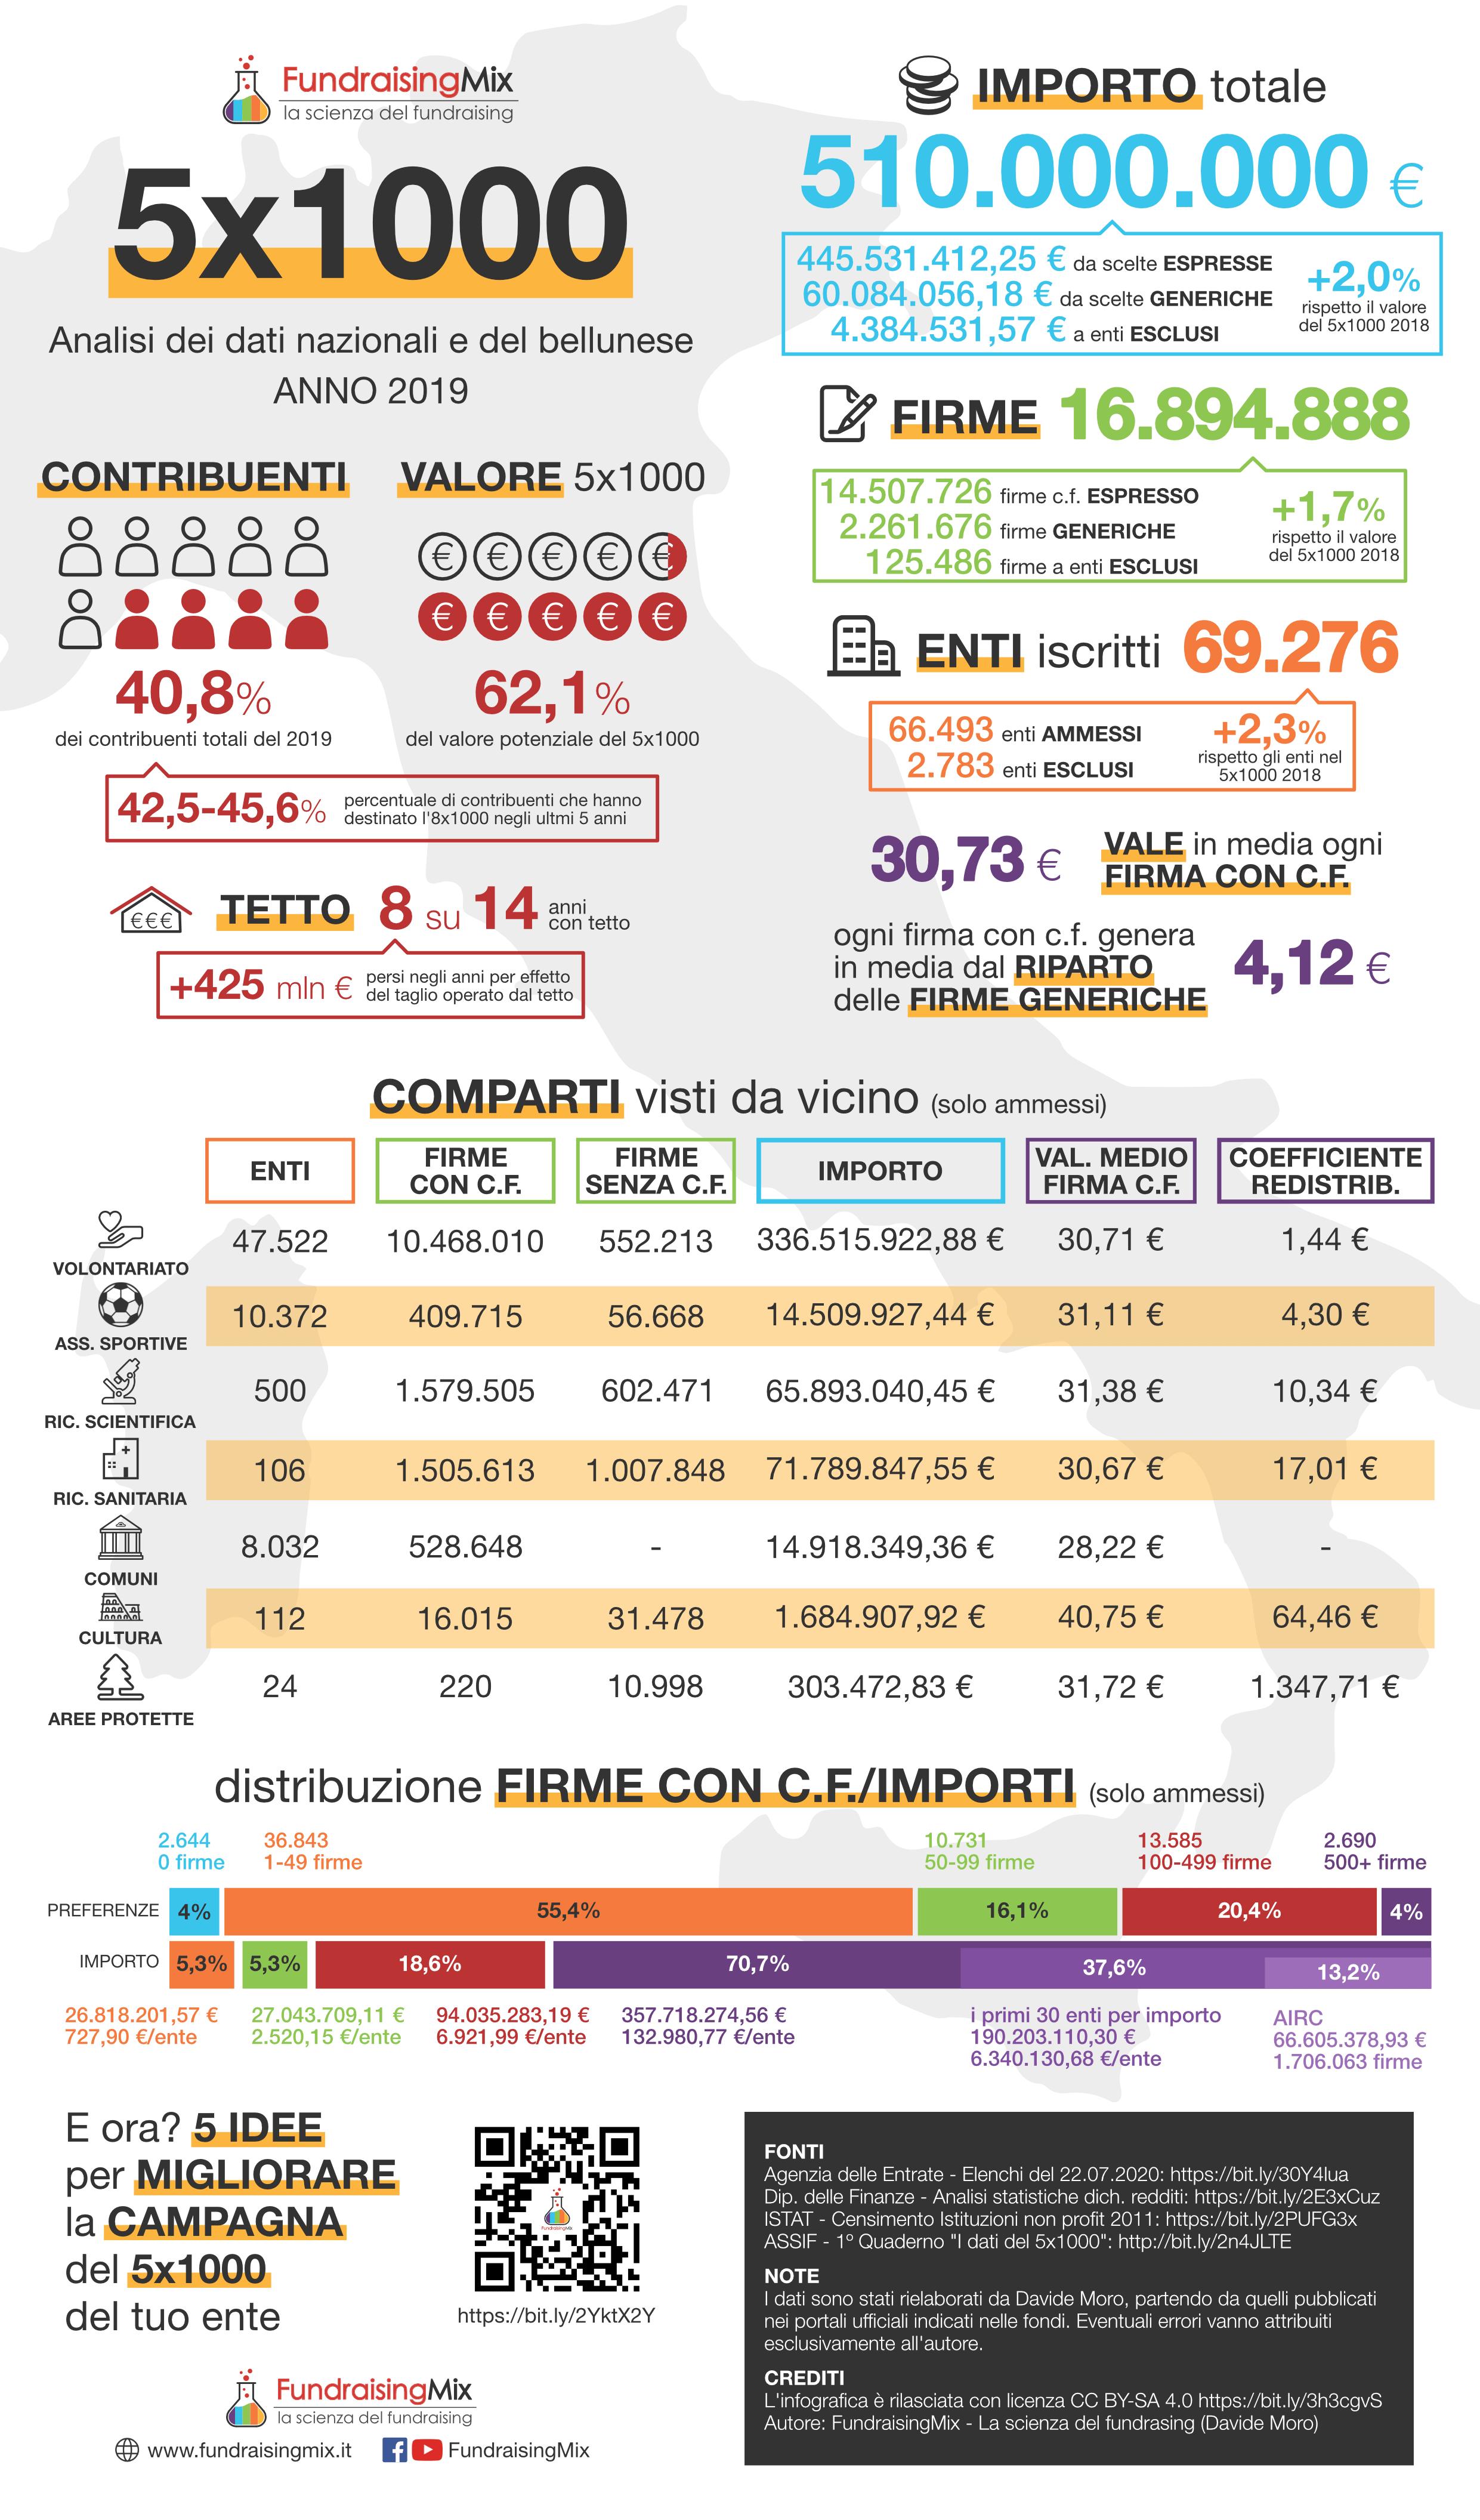 Infografica dati 5x1000 anno 2019